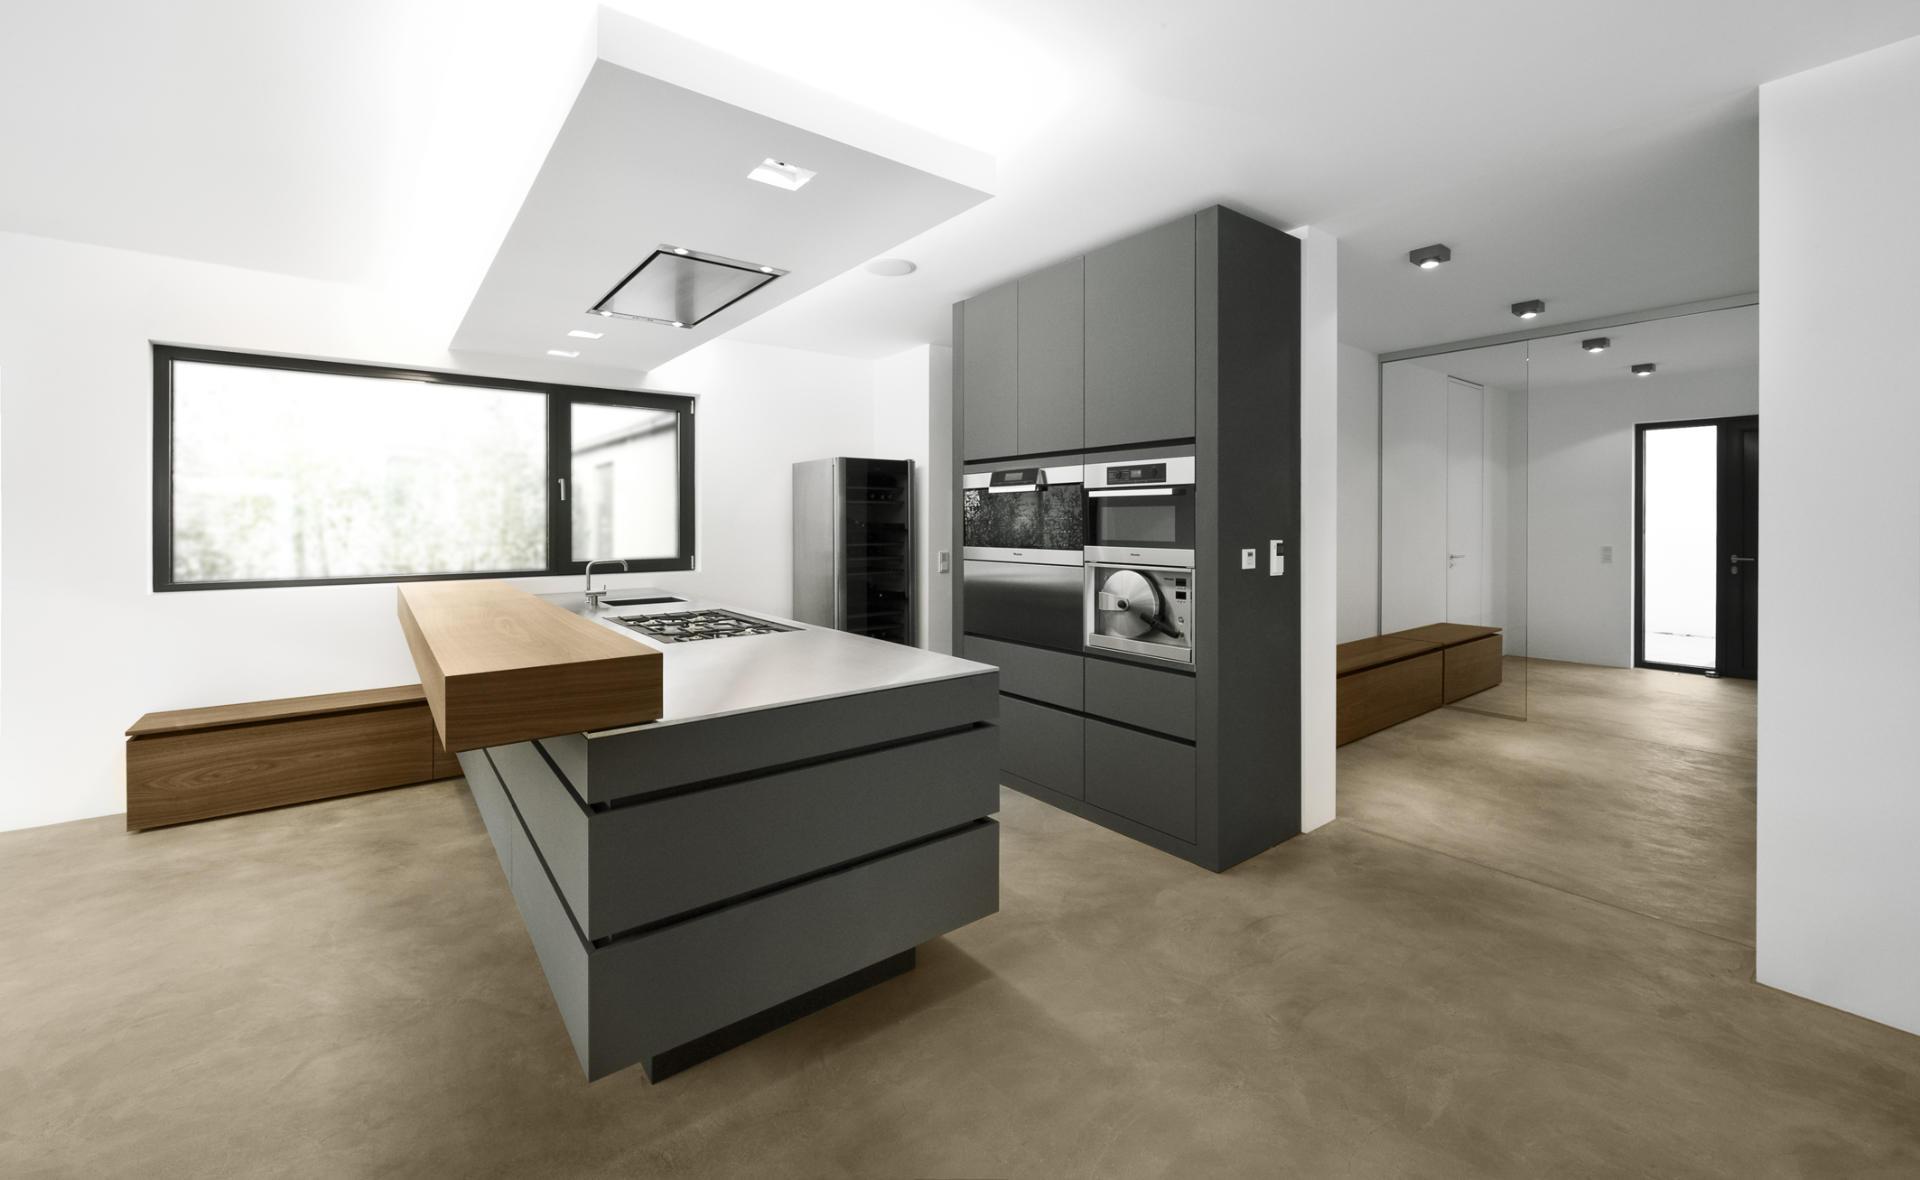 hochwertige Bodenbeschichtung für Küchenboden